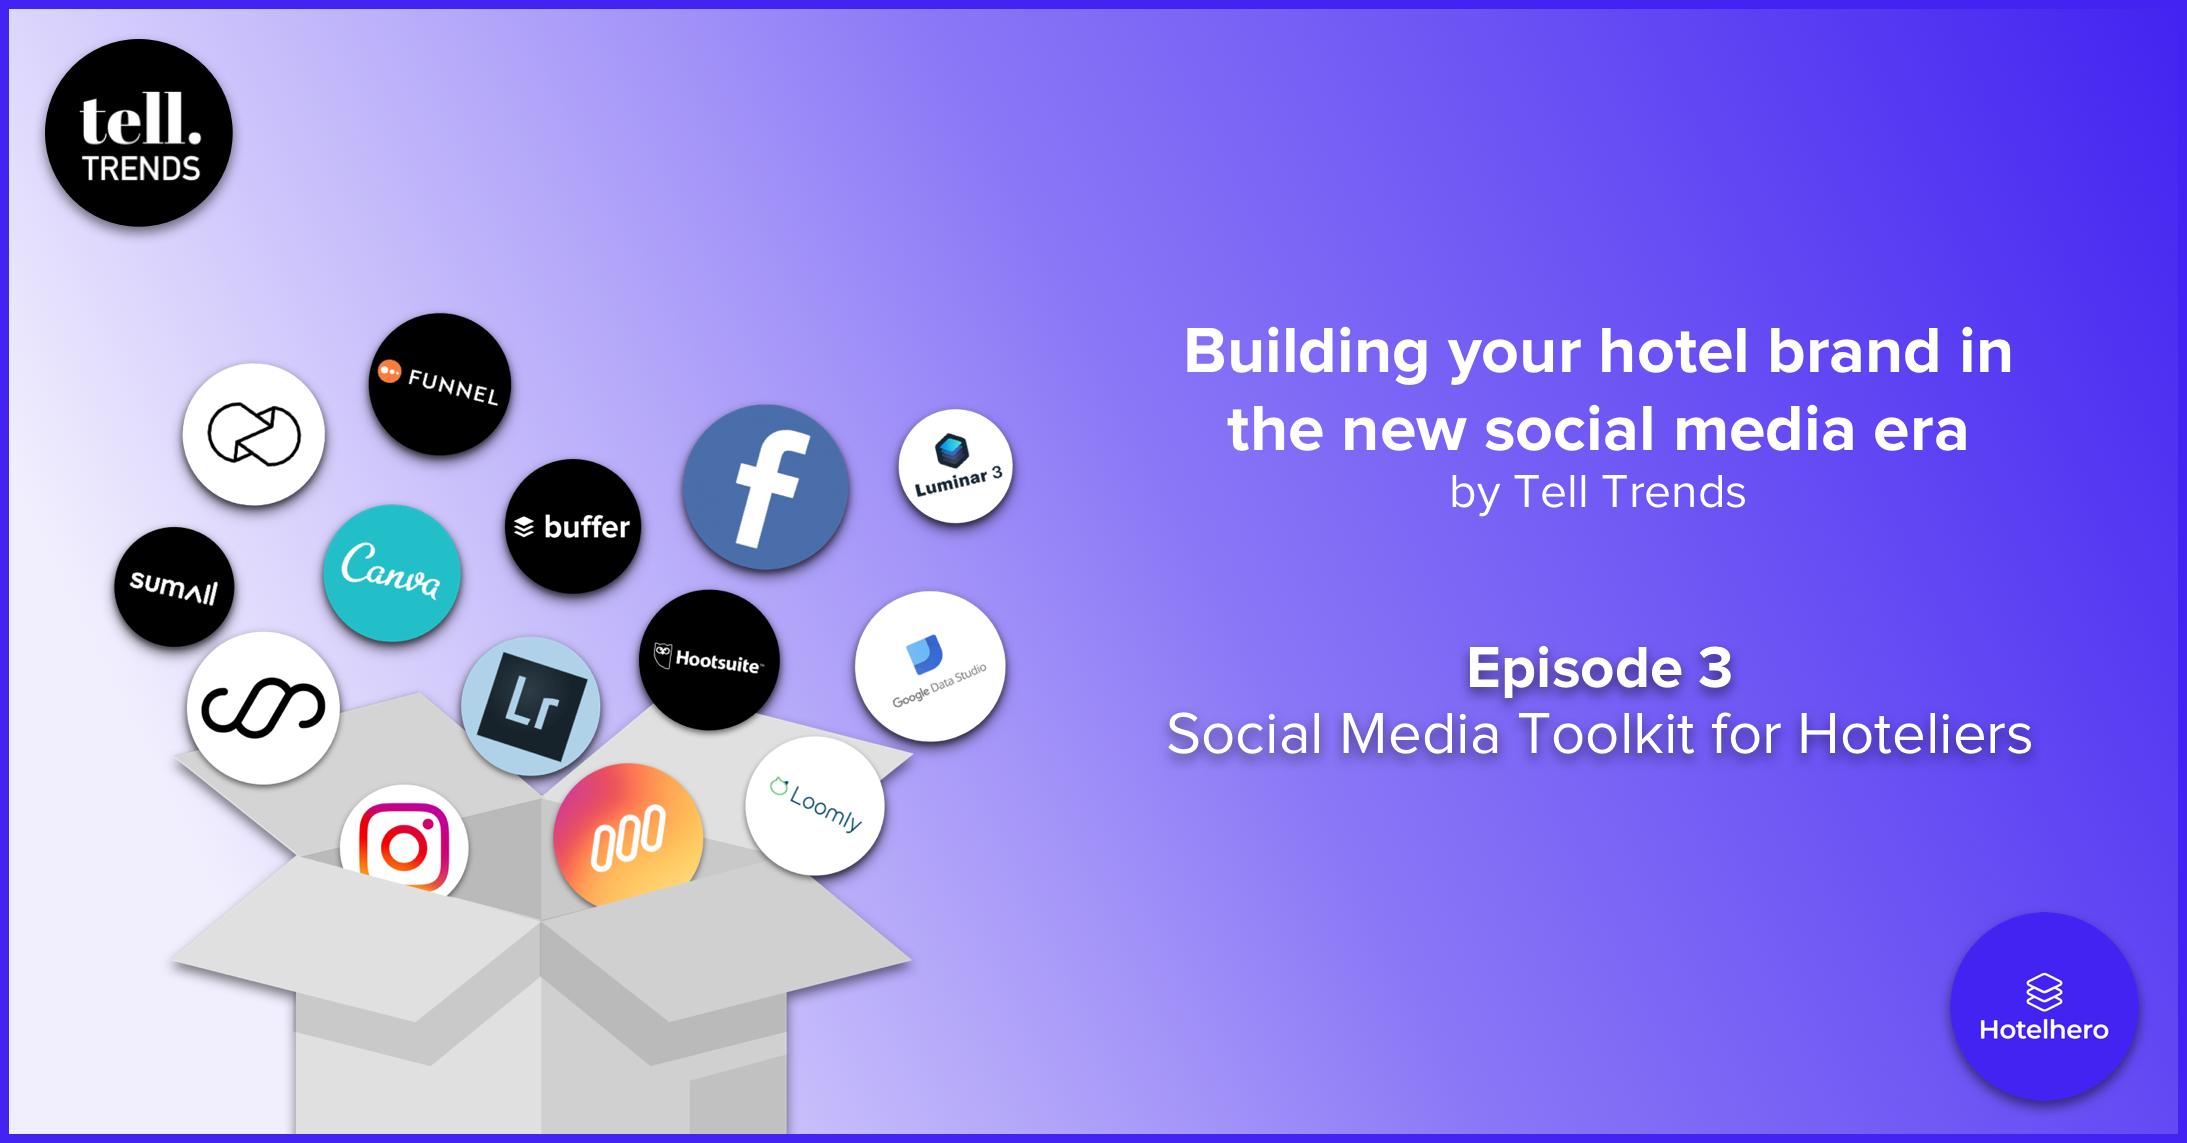 Construire une marque efficace dans la nouvelle ère des médias sociaux | Episode 3: La boîte à outil Social Media pour les hôteliers